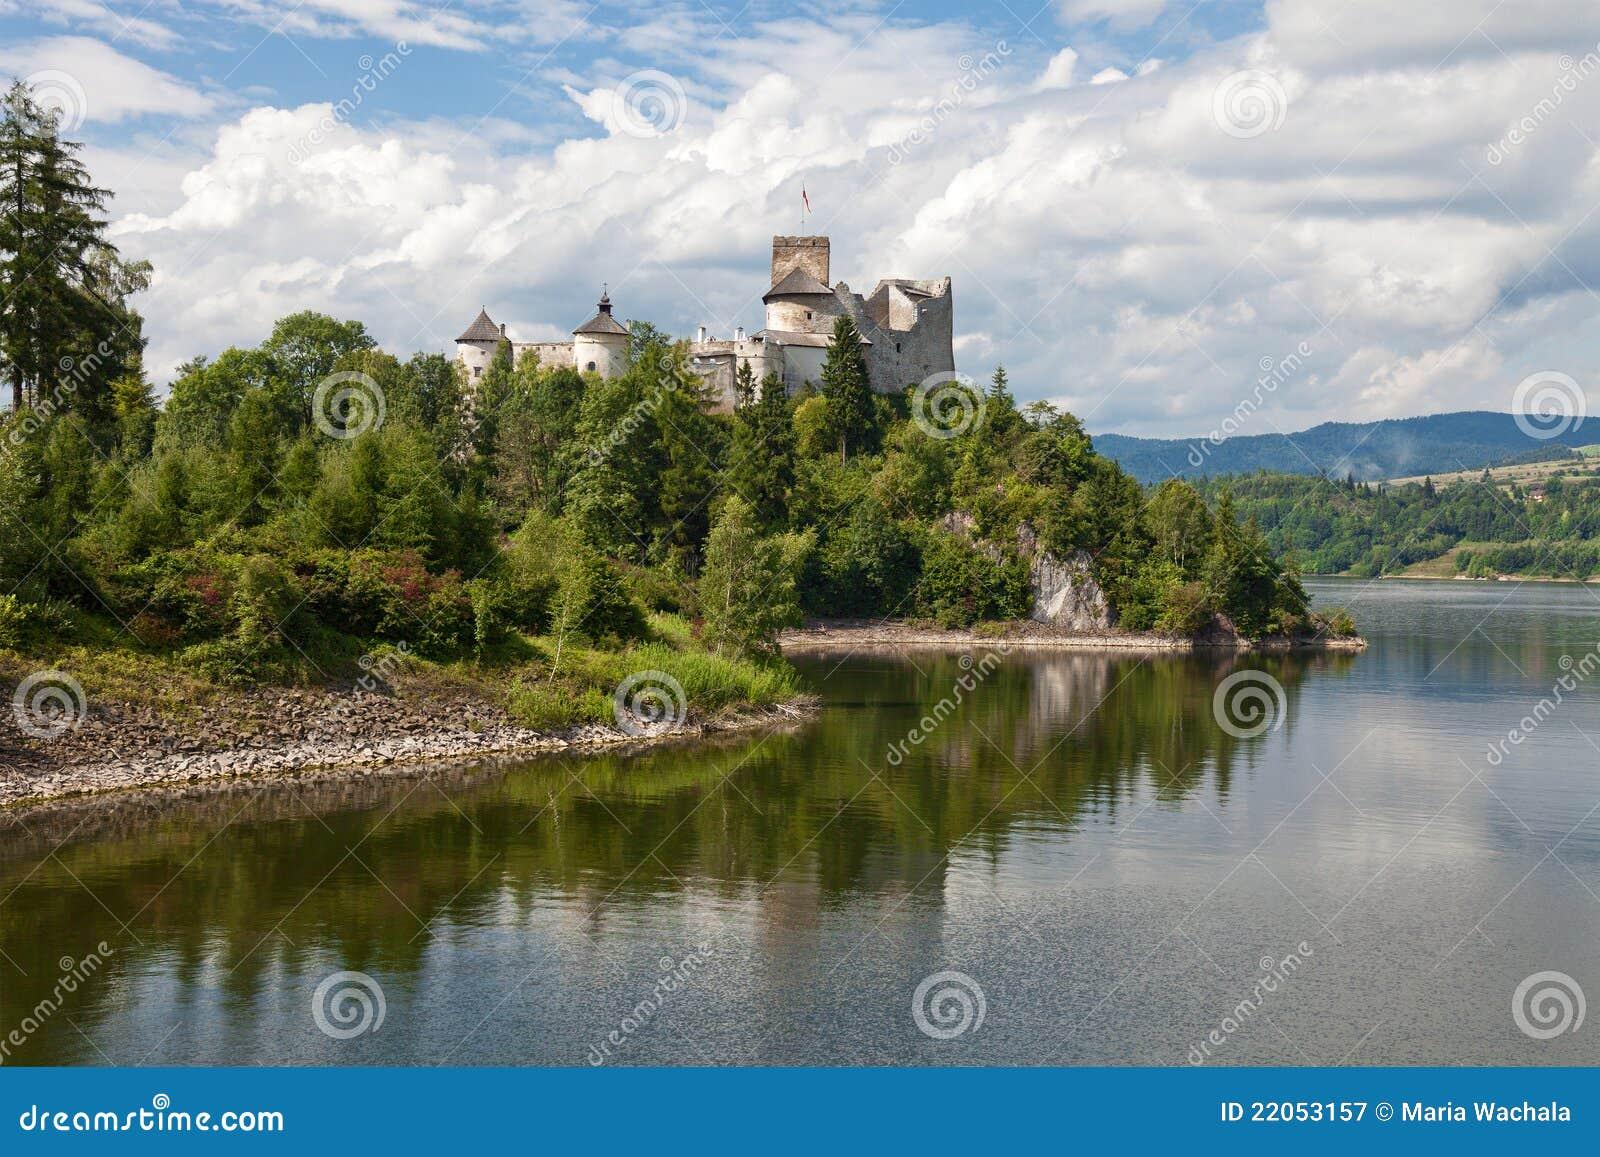 Dunajec Castle in Niedzica